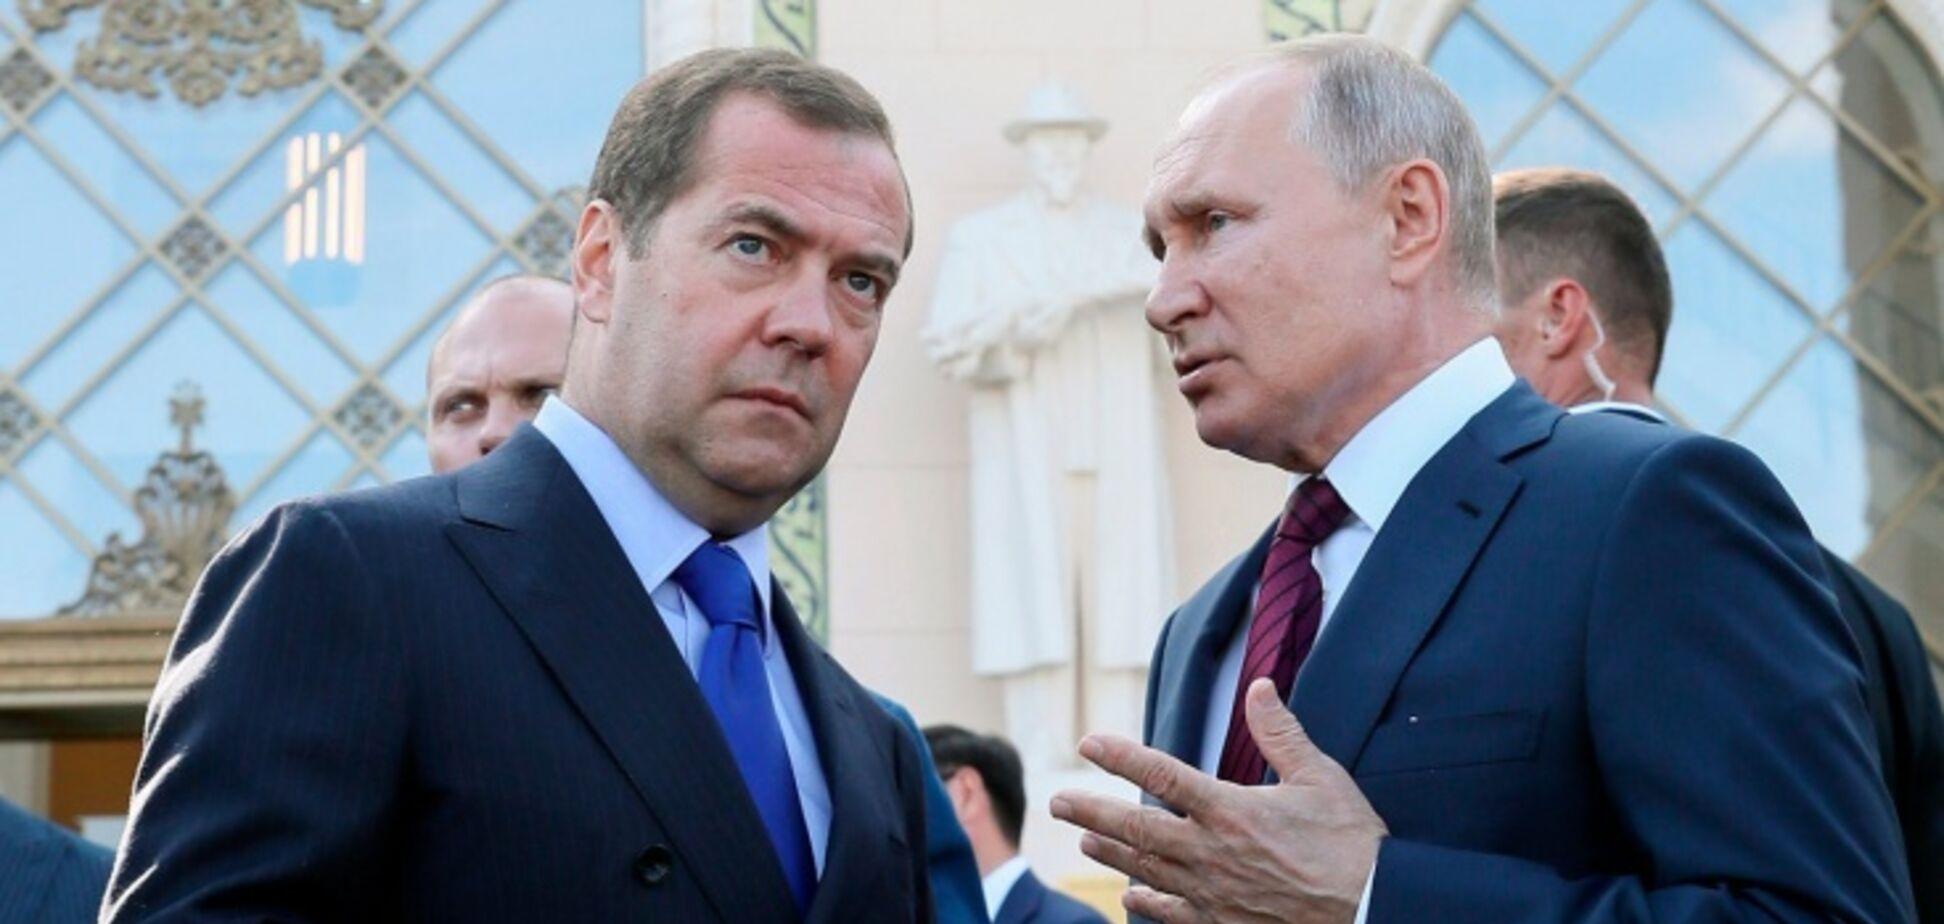 Путин признался в подкупе Россией ЧМ-2018 - власти США